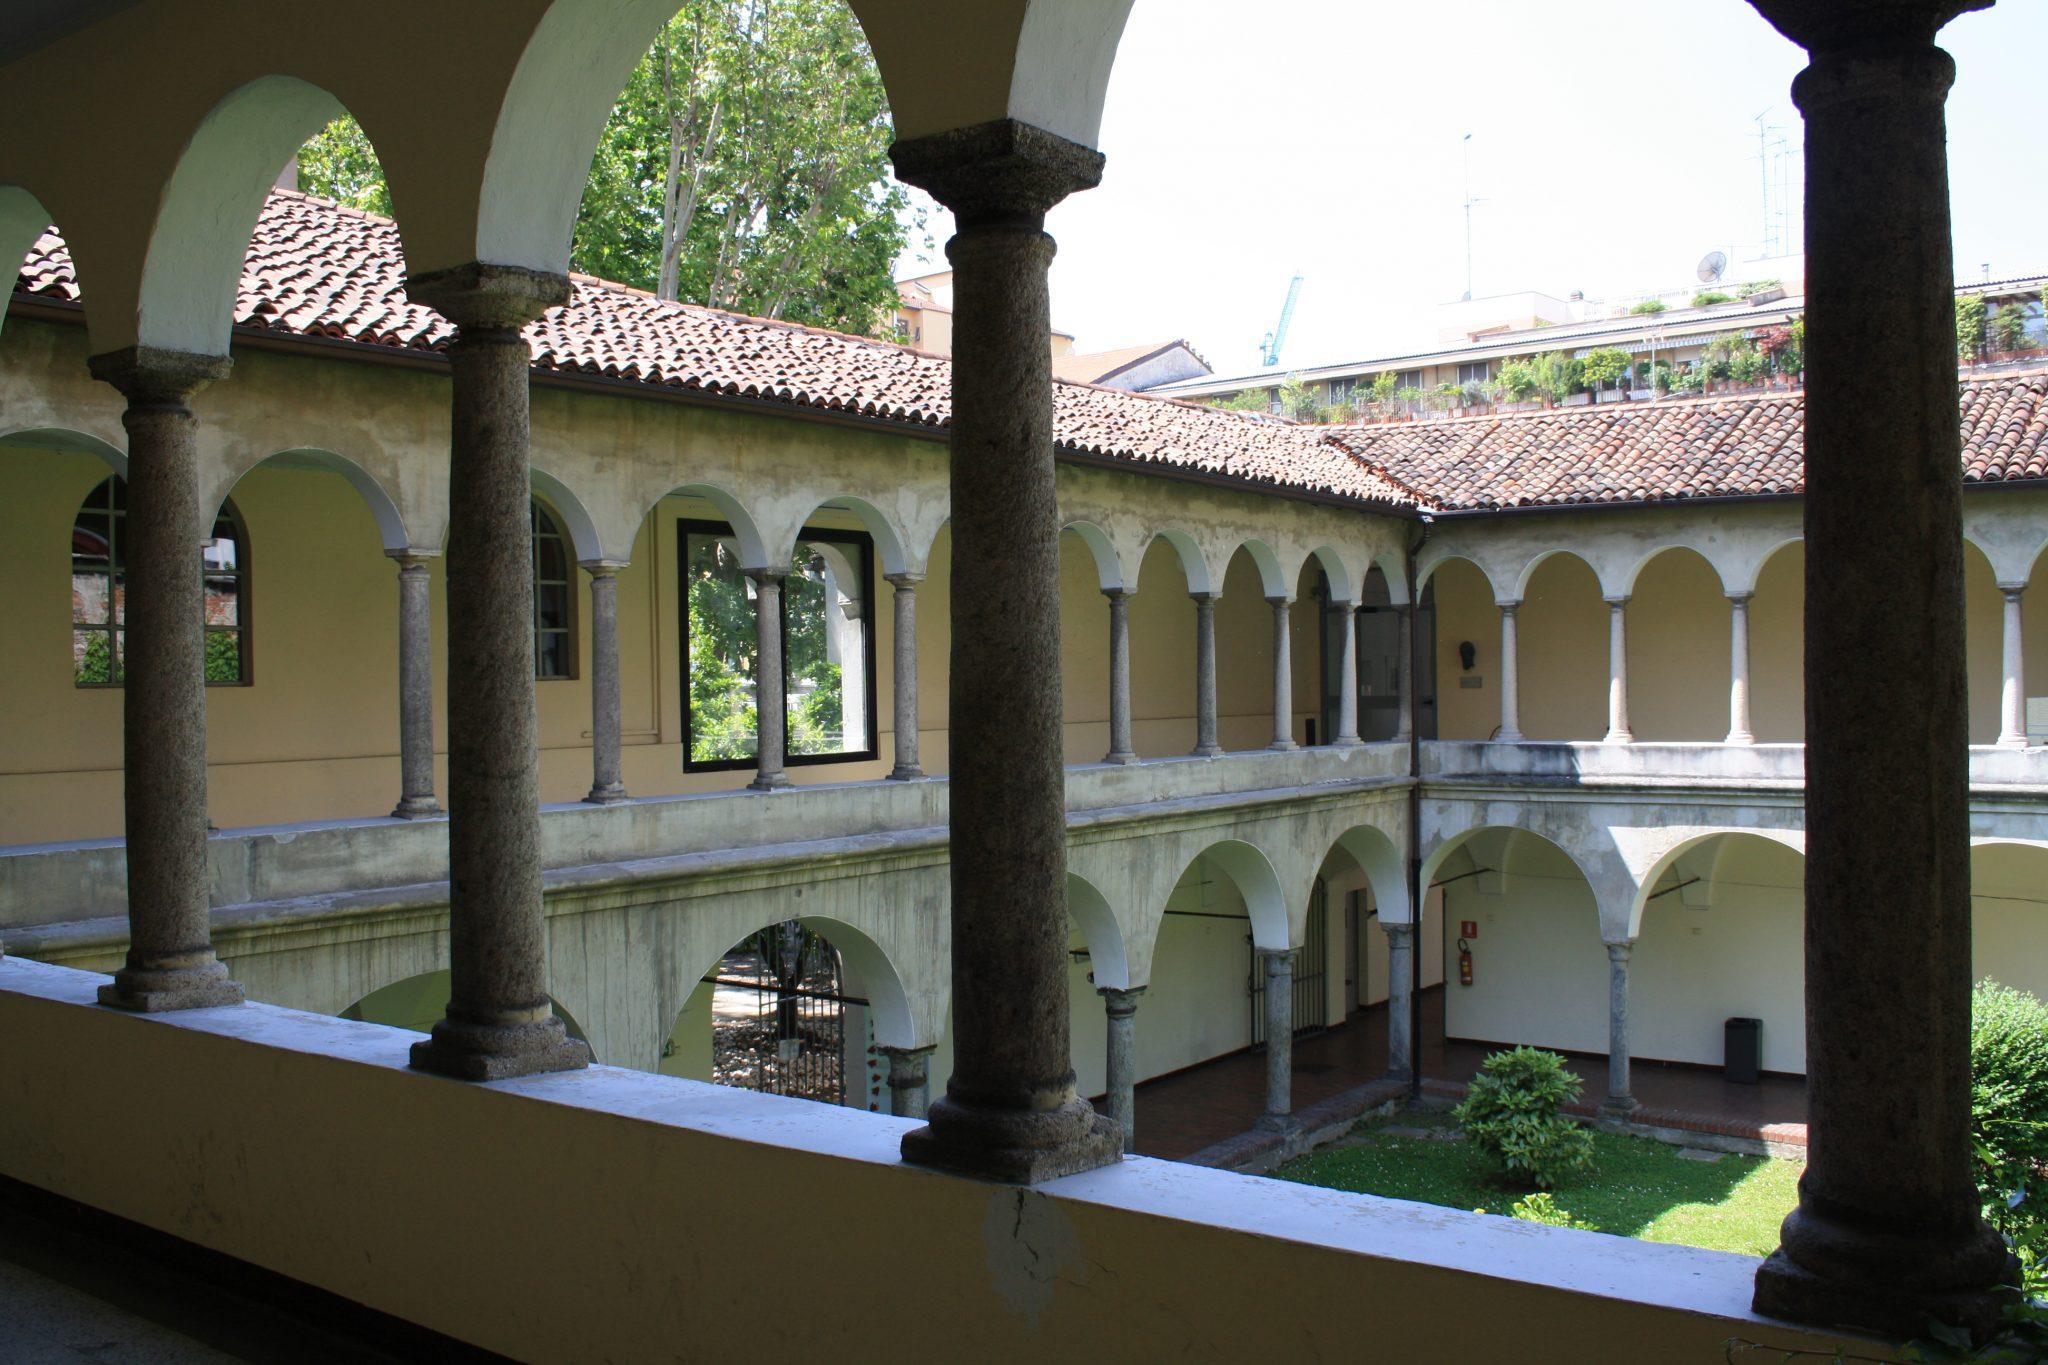 Valorizzare (finalmente) la Collezione d'arte della Società Umanitaria di Milano. La missione di Andrea Tinterri, intervista